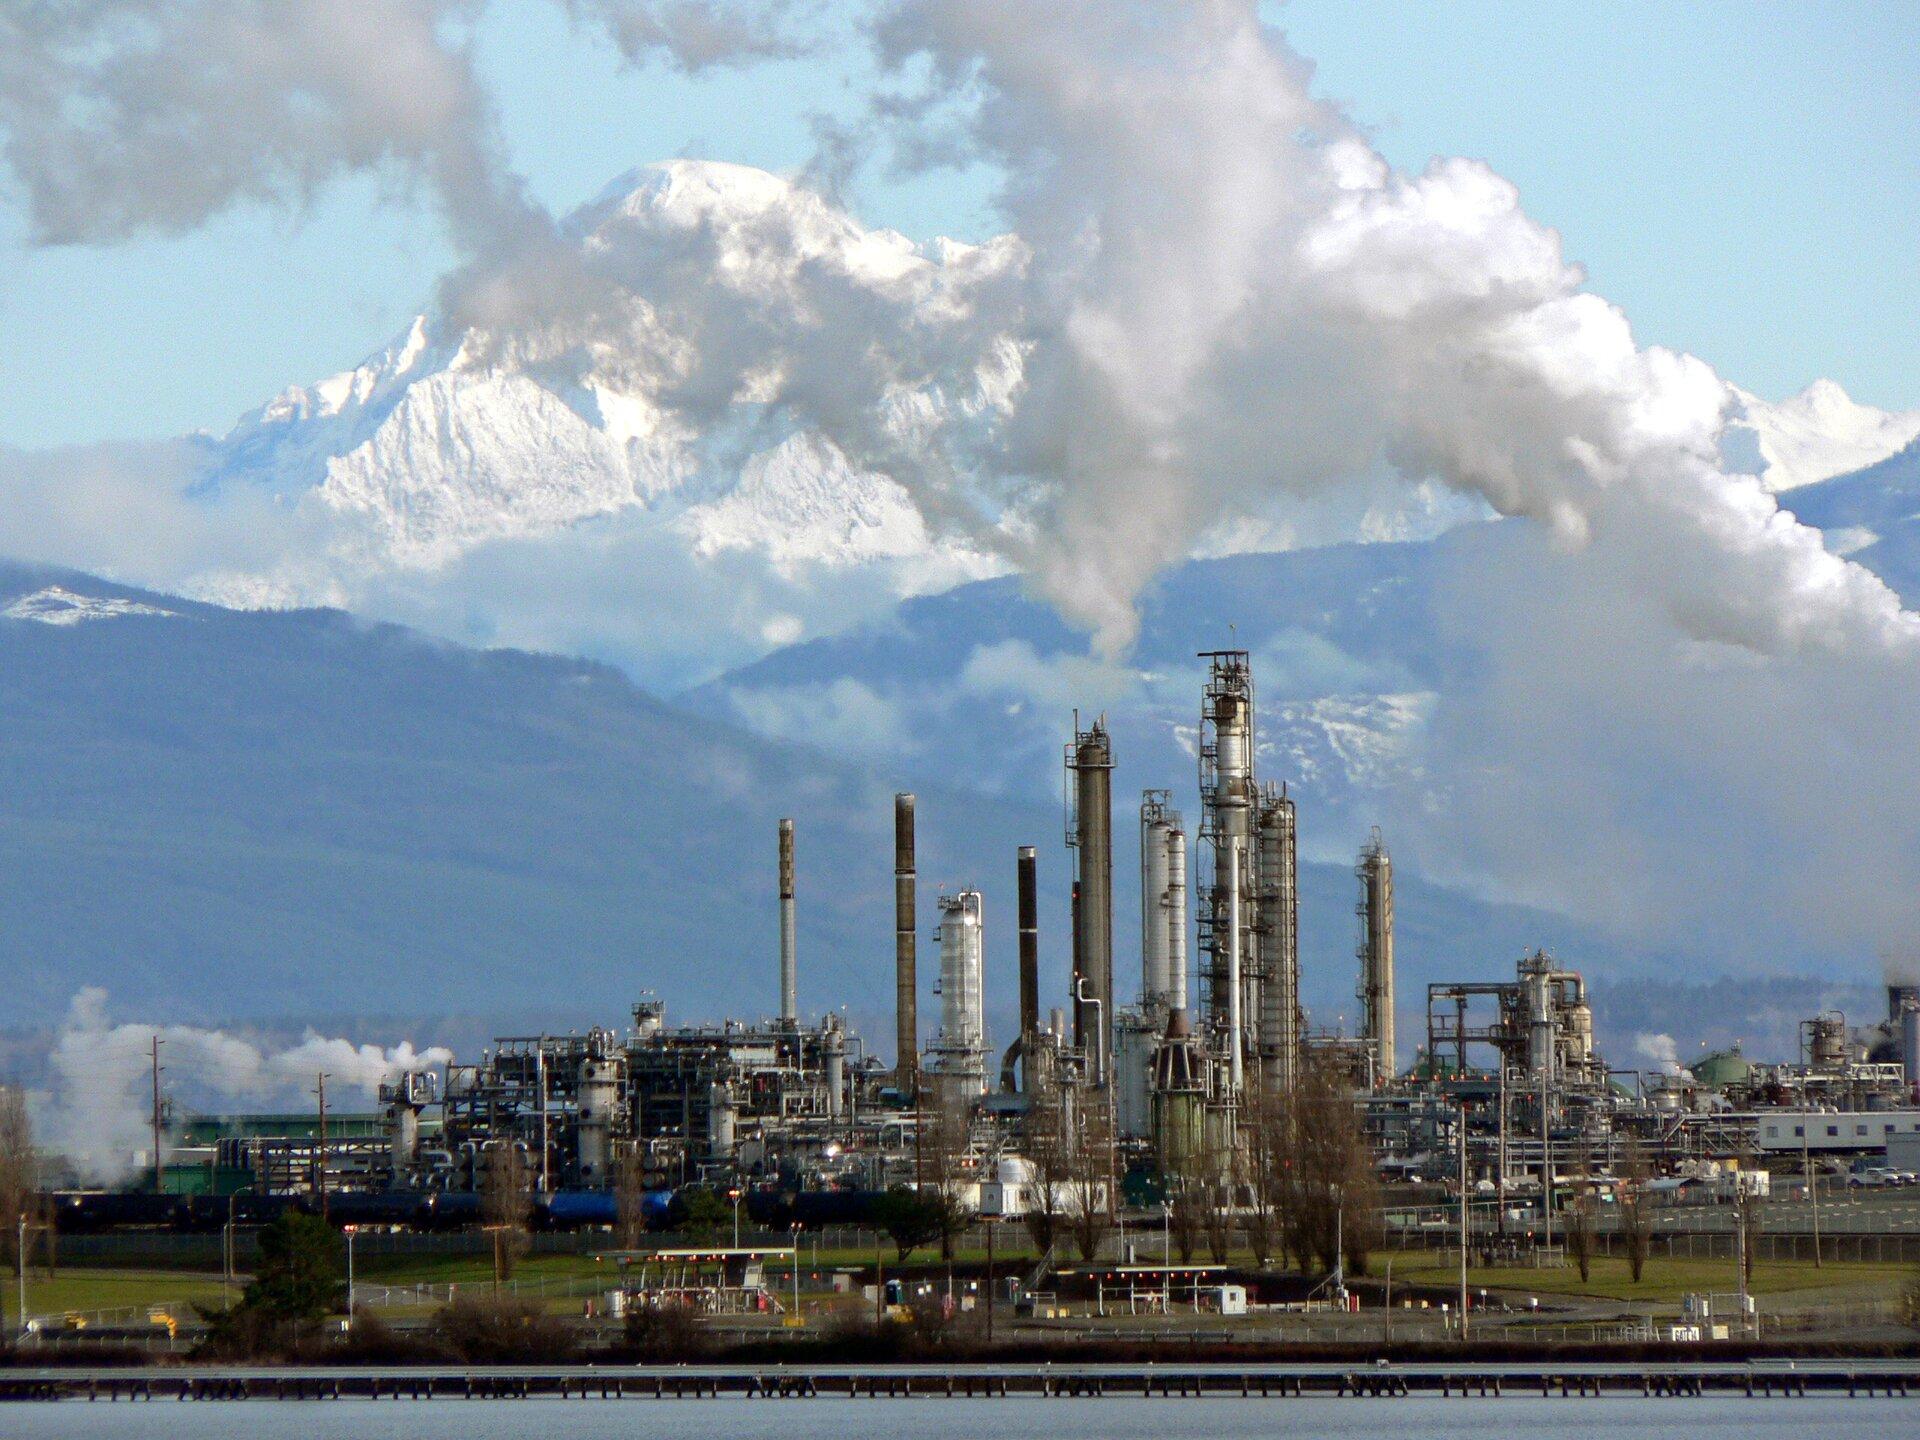 Na zdjęciu na pierwszym planie zbiornik wodny. Dalej na brzegu wielka rafineria ropy naftowej, rury, kominy, instalacje do rafinacji ropy. Wtle wysokie góry. Najwyższe partie gór pokryte śniegiem.